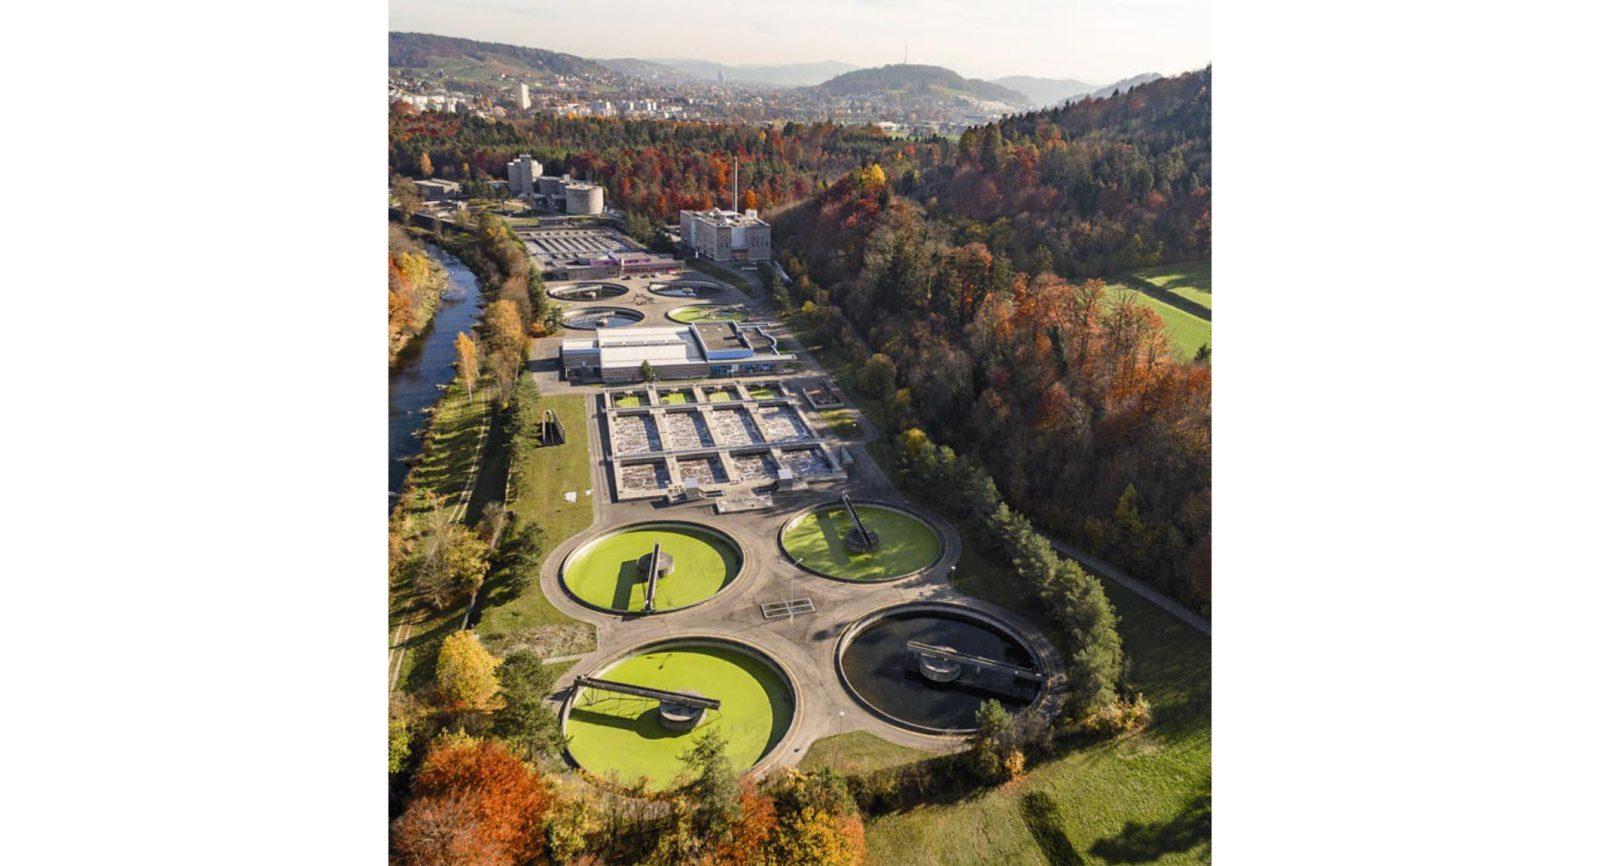 Bereits 1951 ging die Kläranlage mit vier Reinigungs-stufen in Betrieb. Heute erarbeitet man die Grundlagen für den weiteren Ausbau der Reinigungsprozesse. (Bild: Stadtwerk Winterthur)